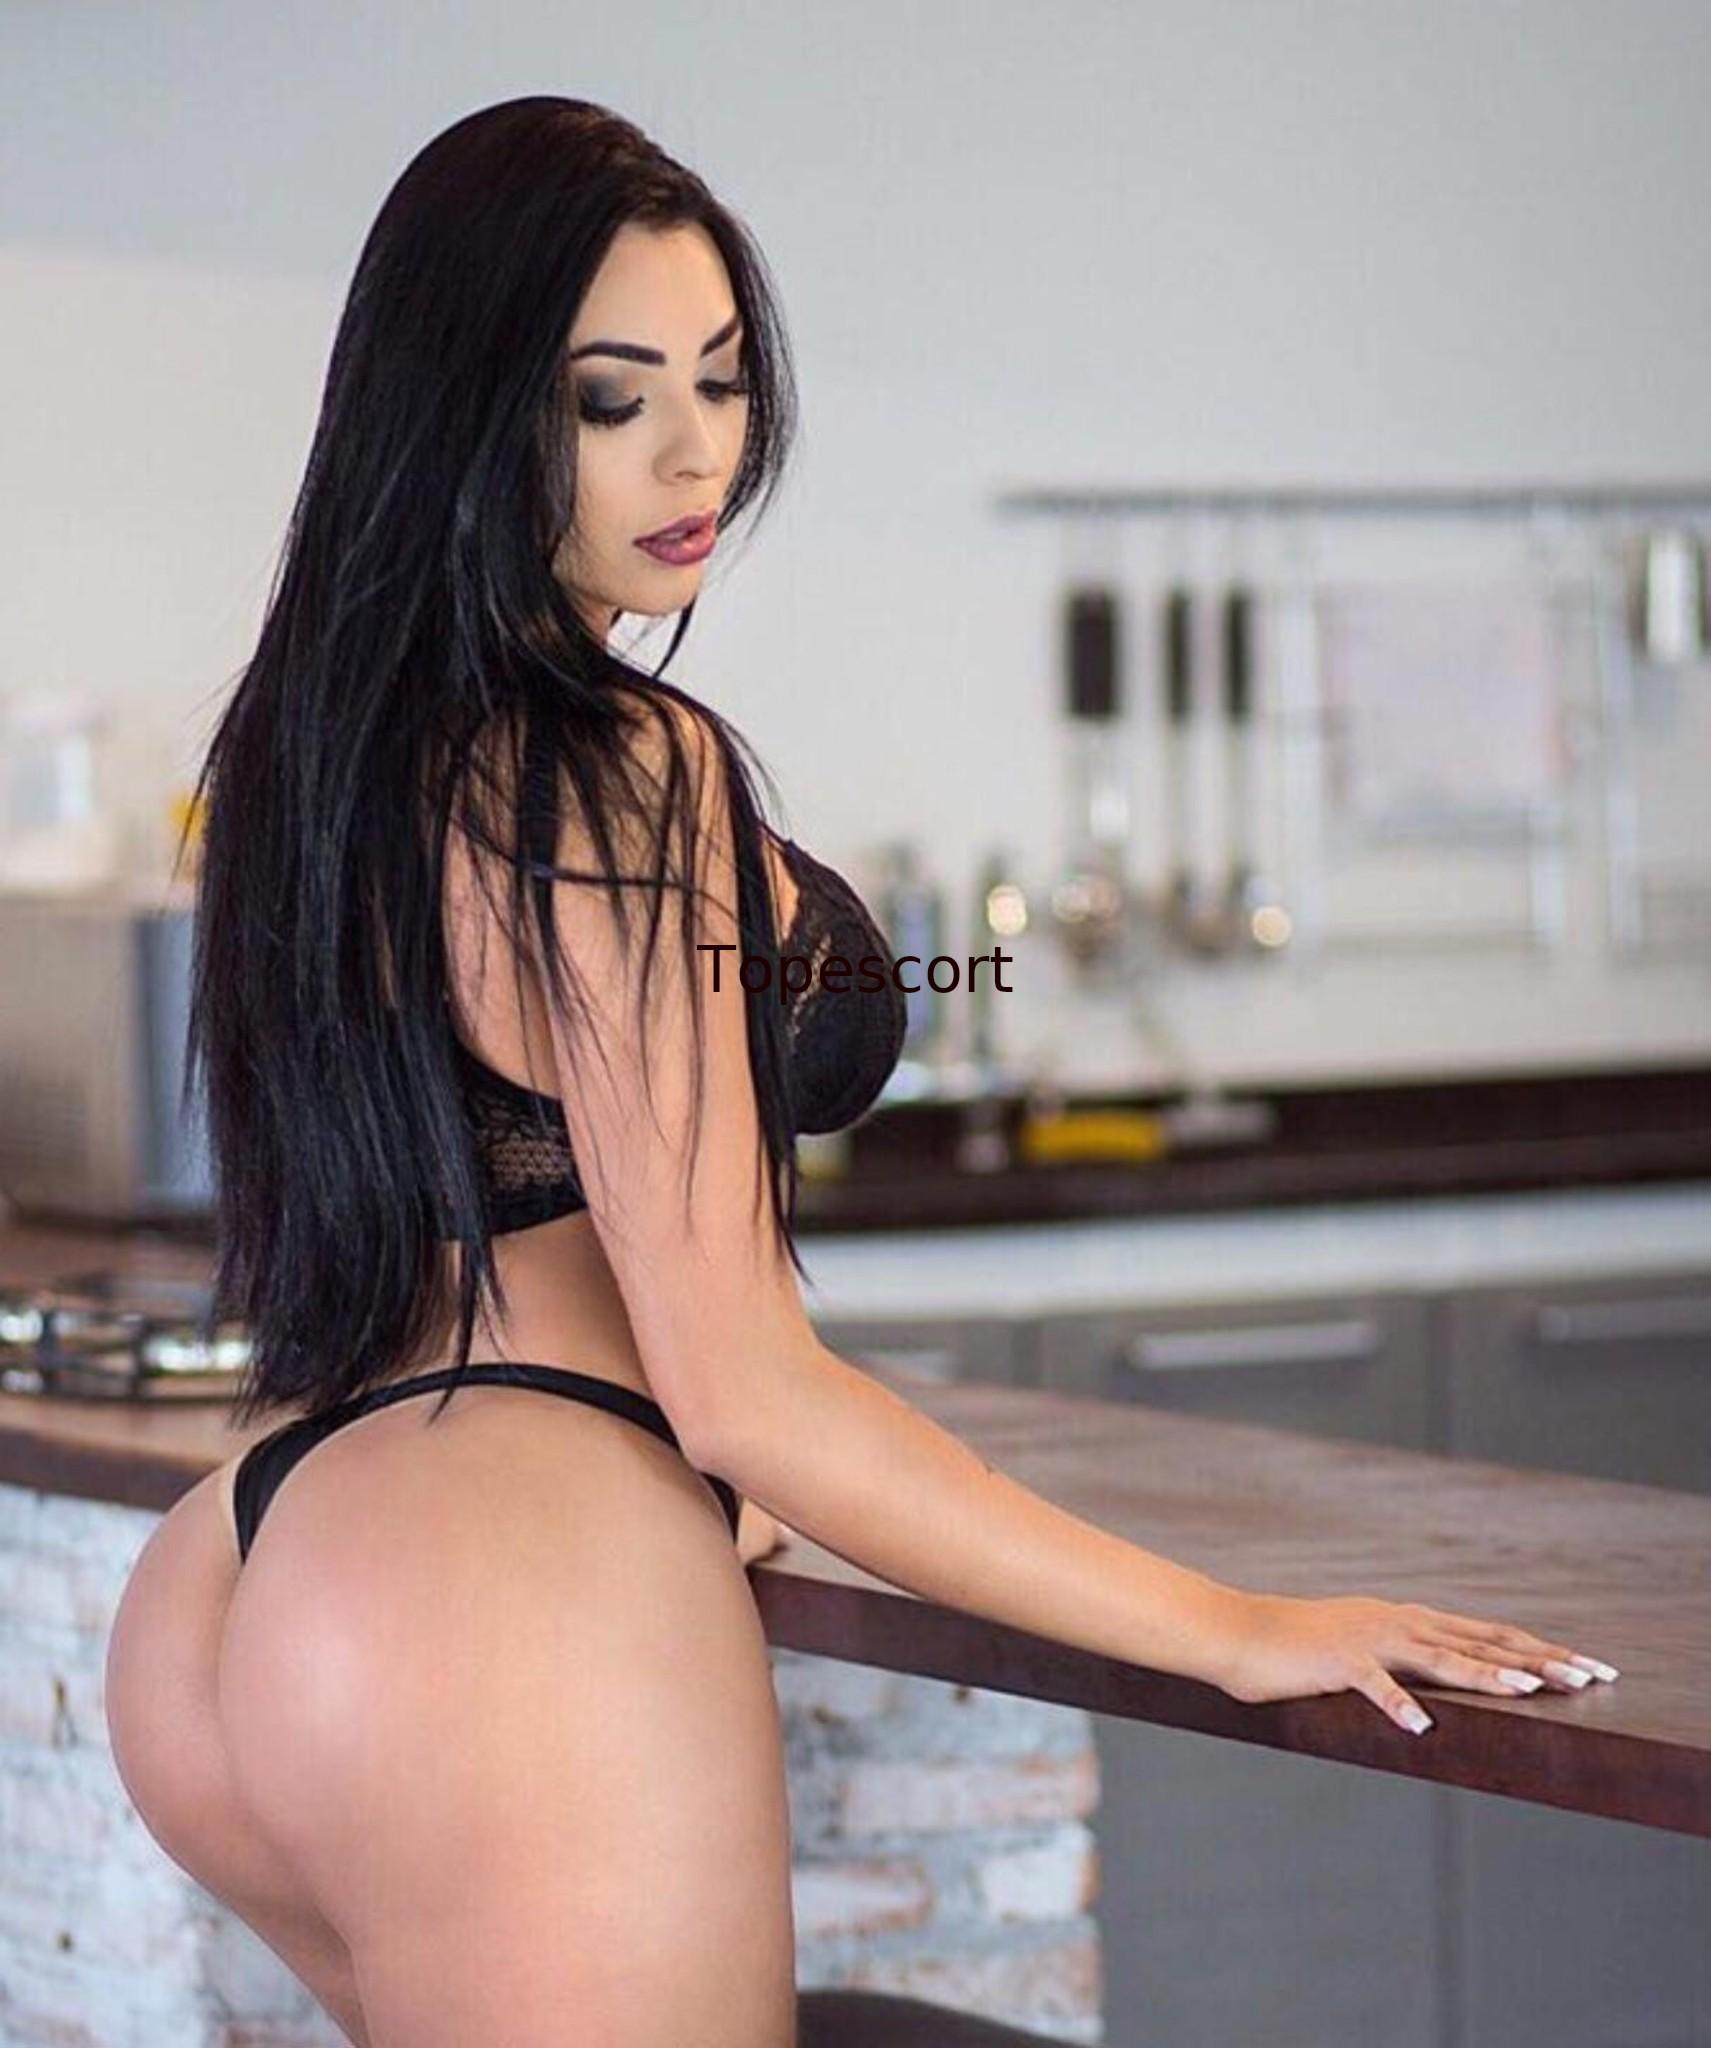 kim kardashian anal hot escorte